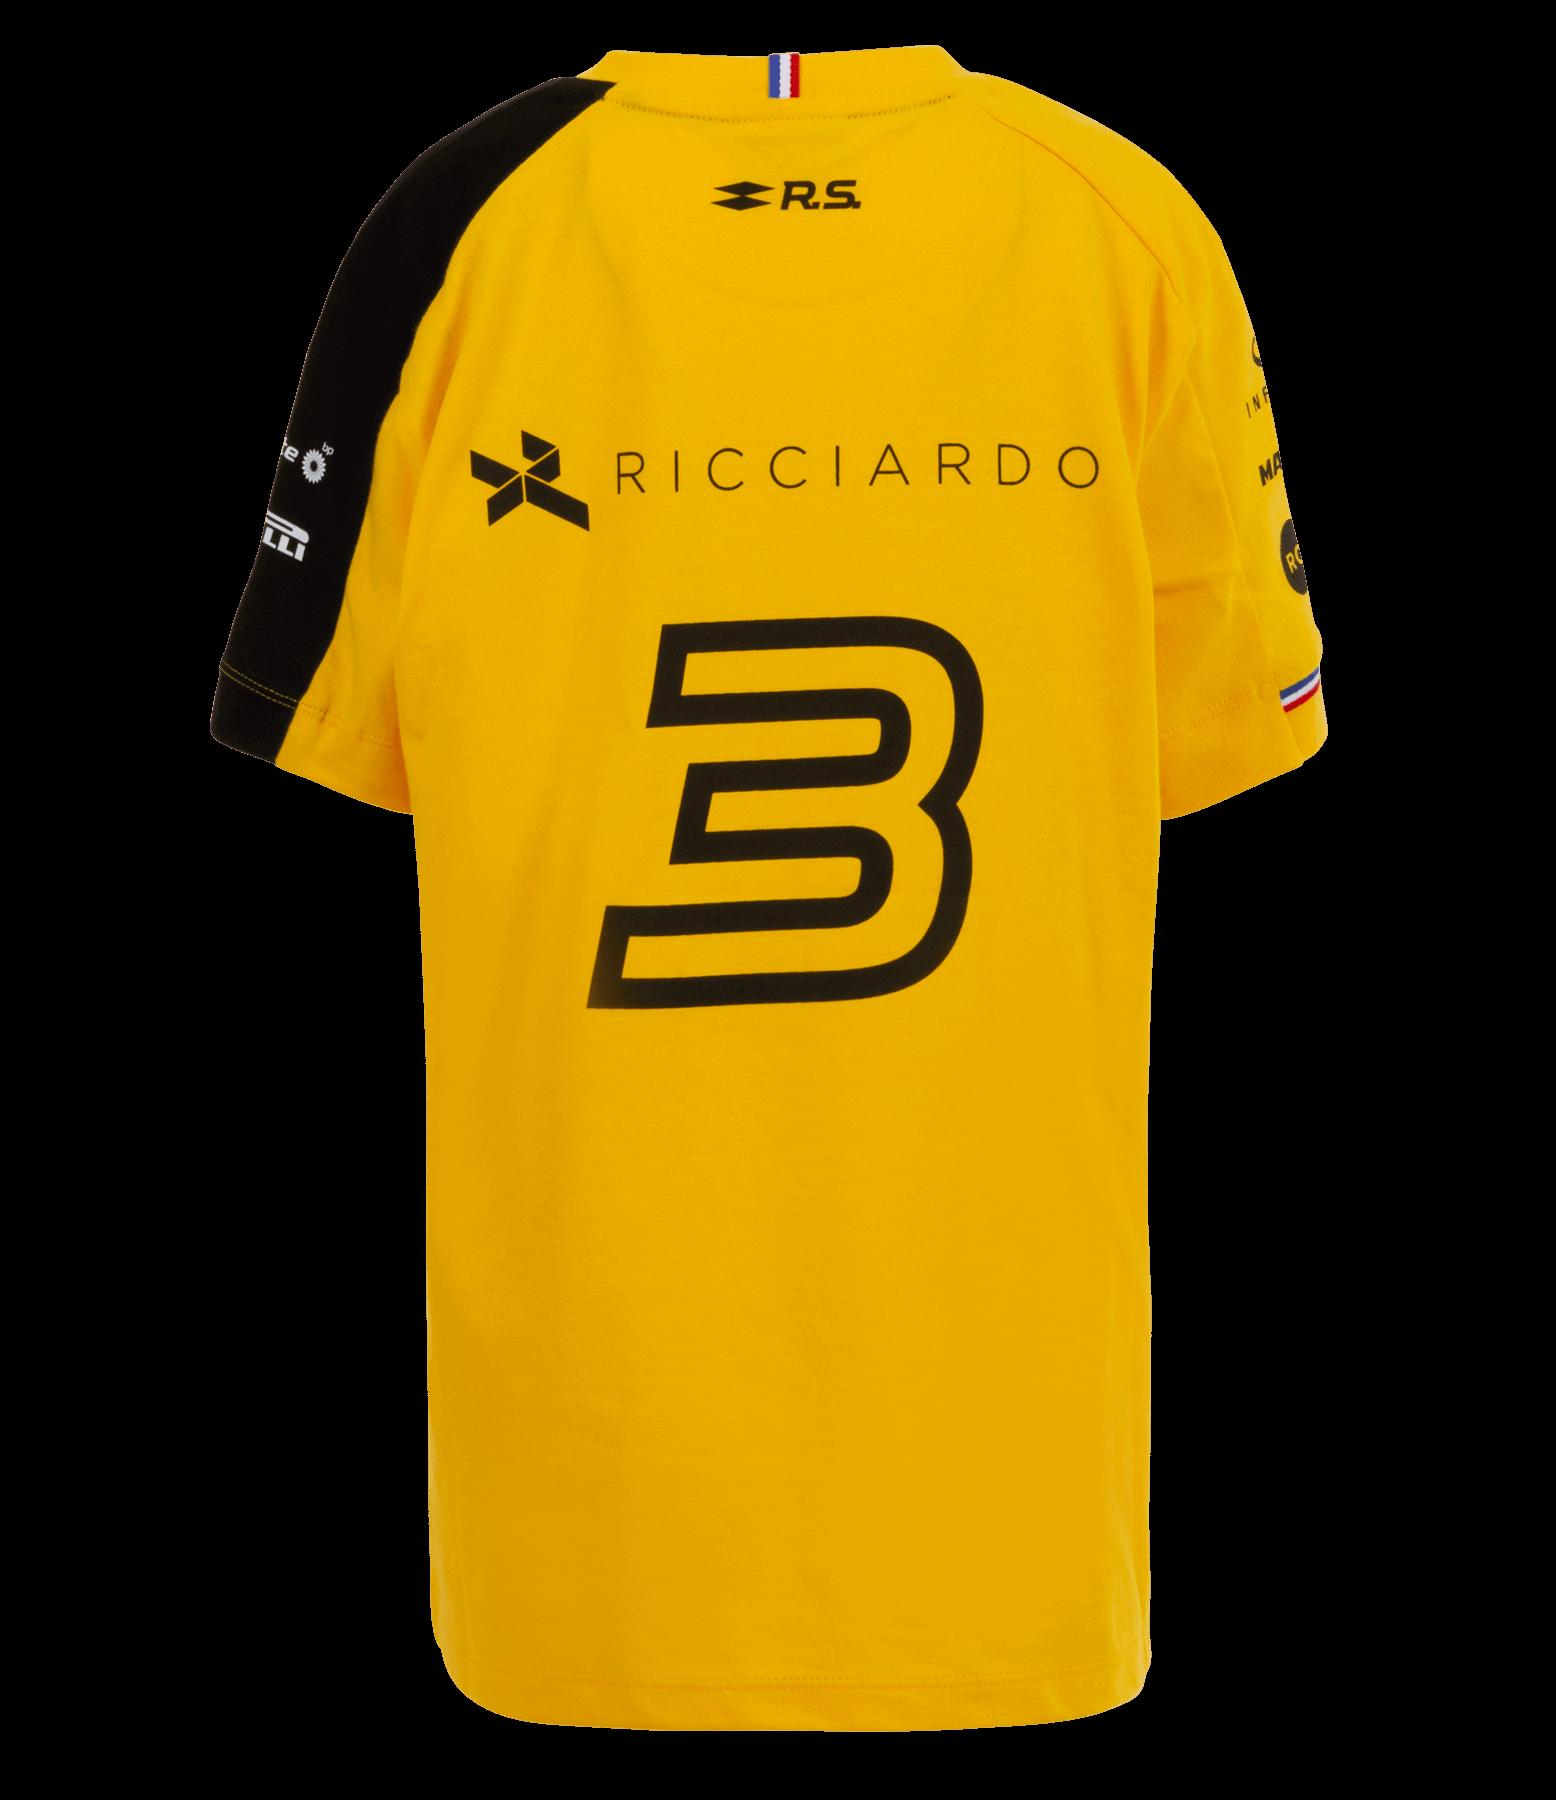 RENAULT F1® TEAM 2019 kid's t-shirt - Ricciardo